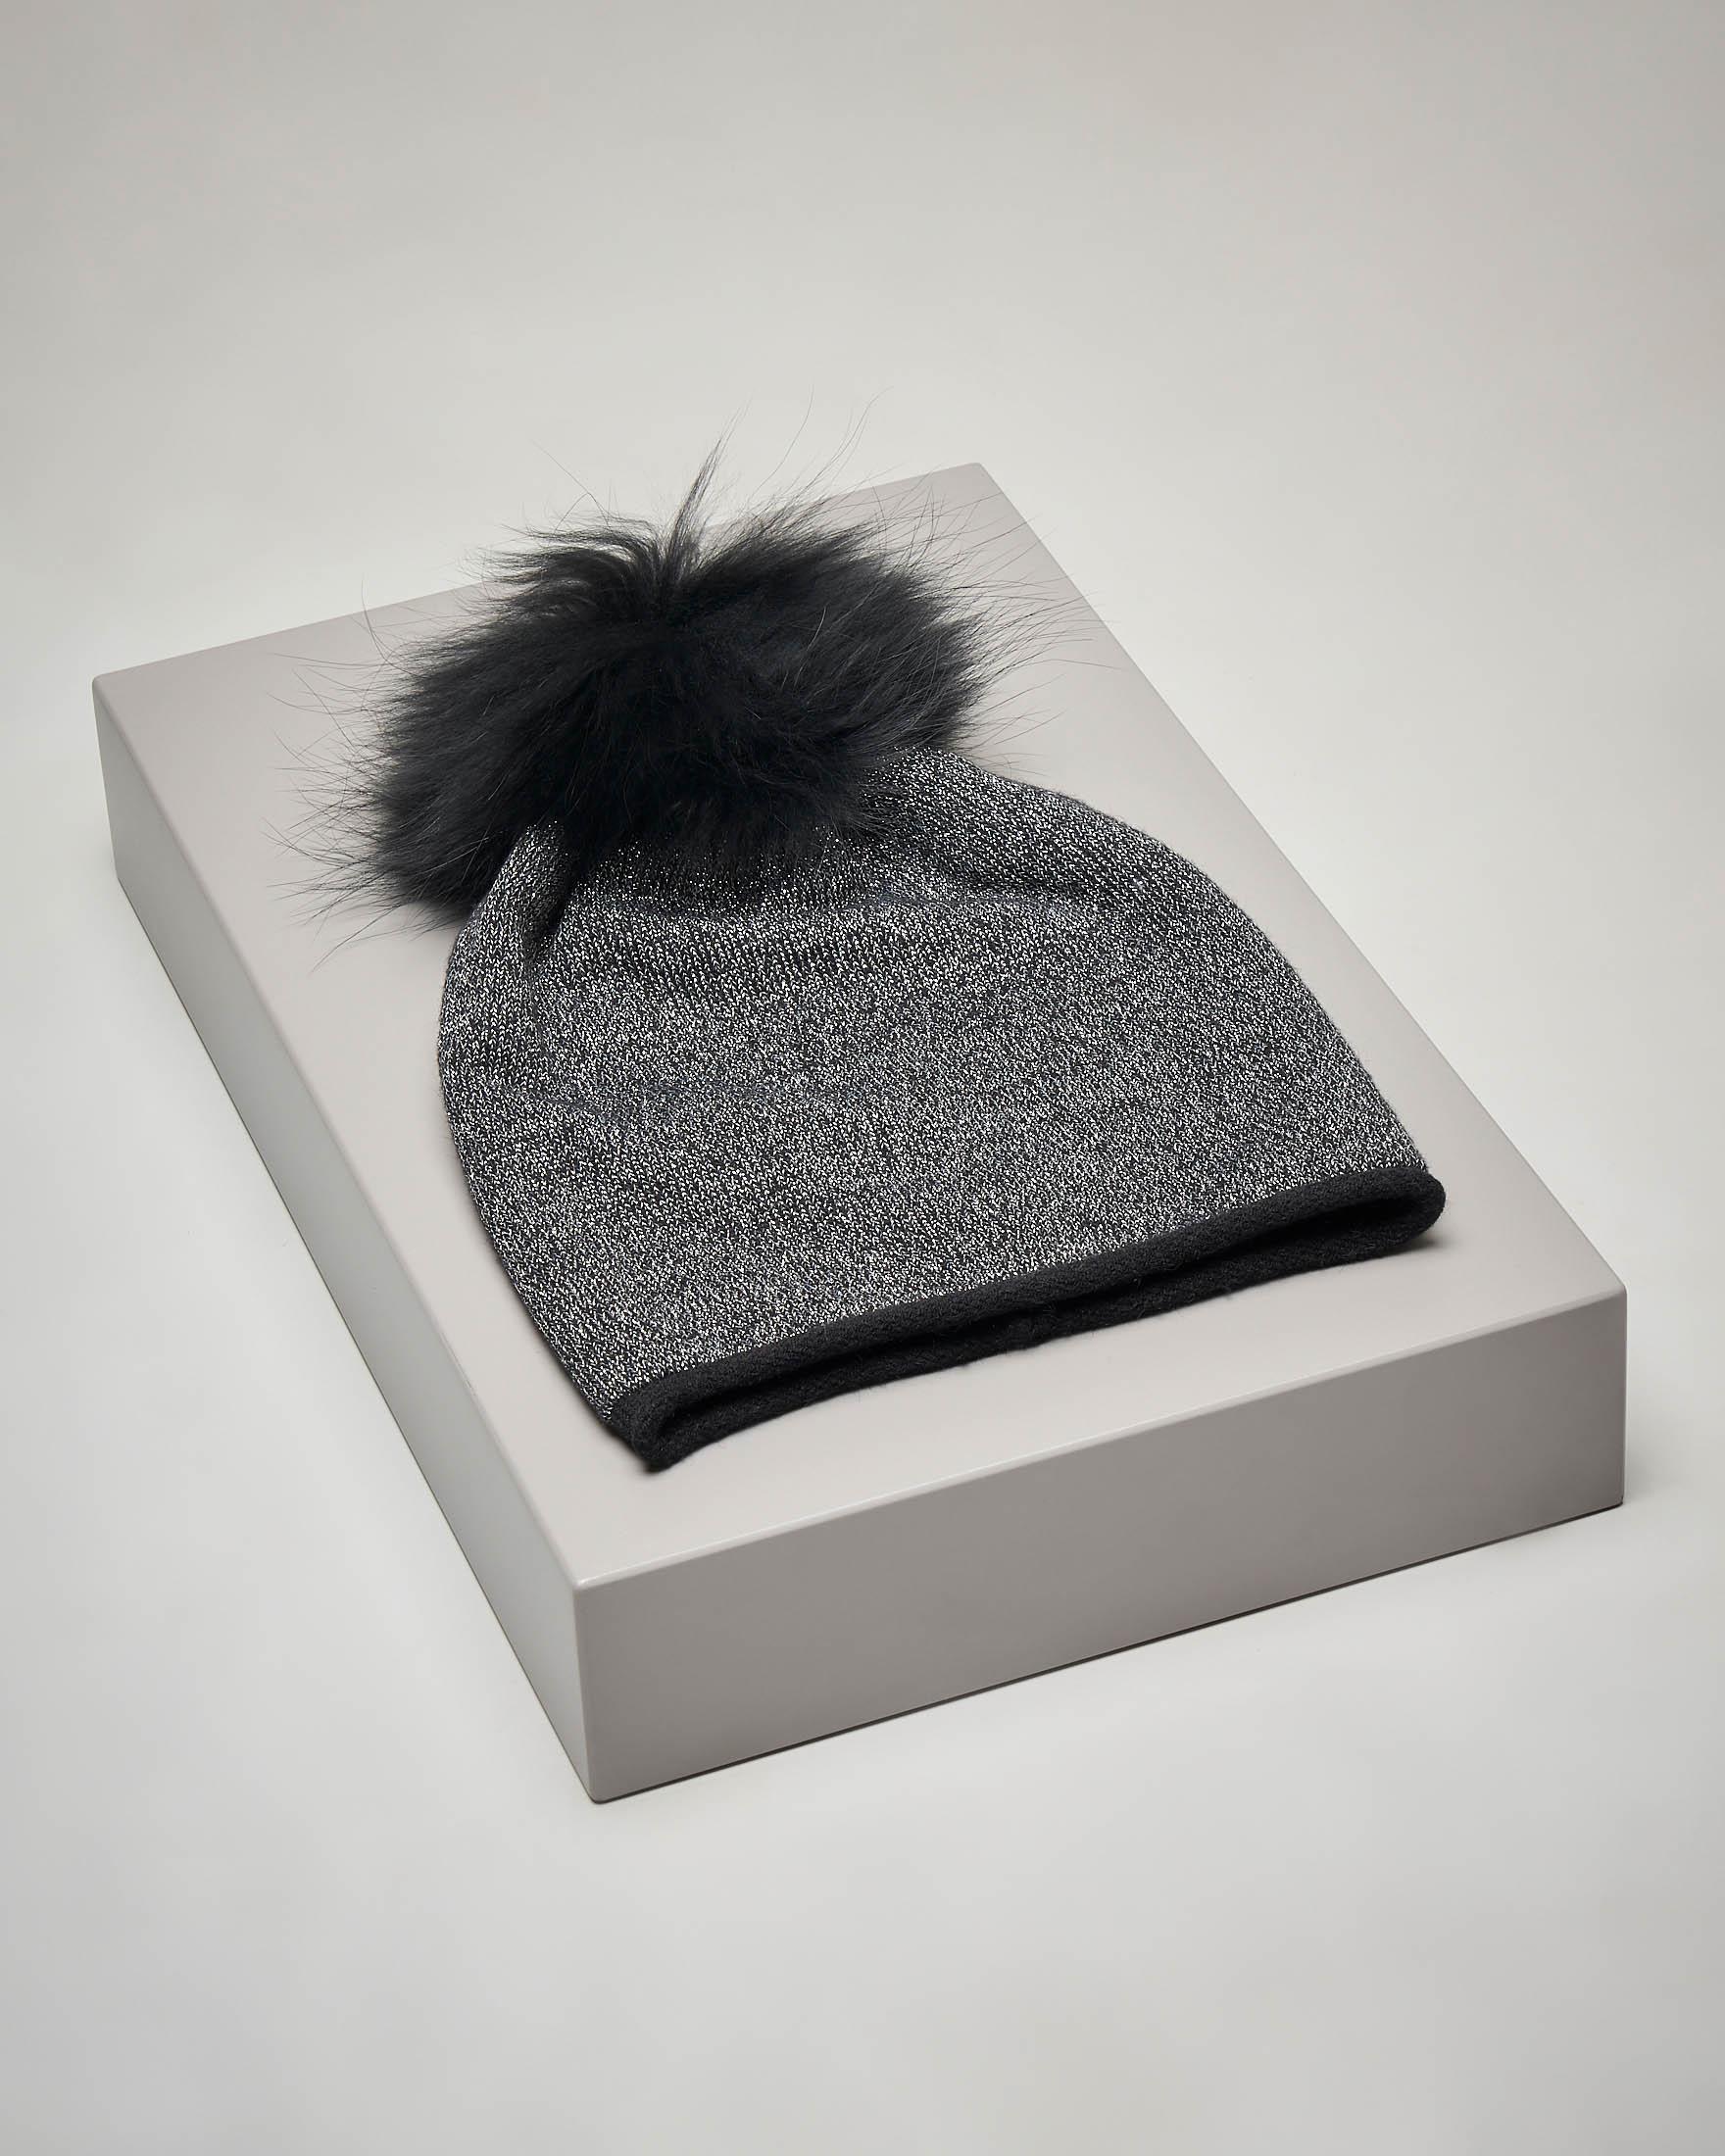 Berretto nero in maglia con inserti in lurex e pon pon in pelliccia